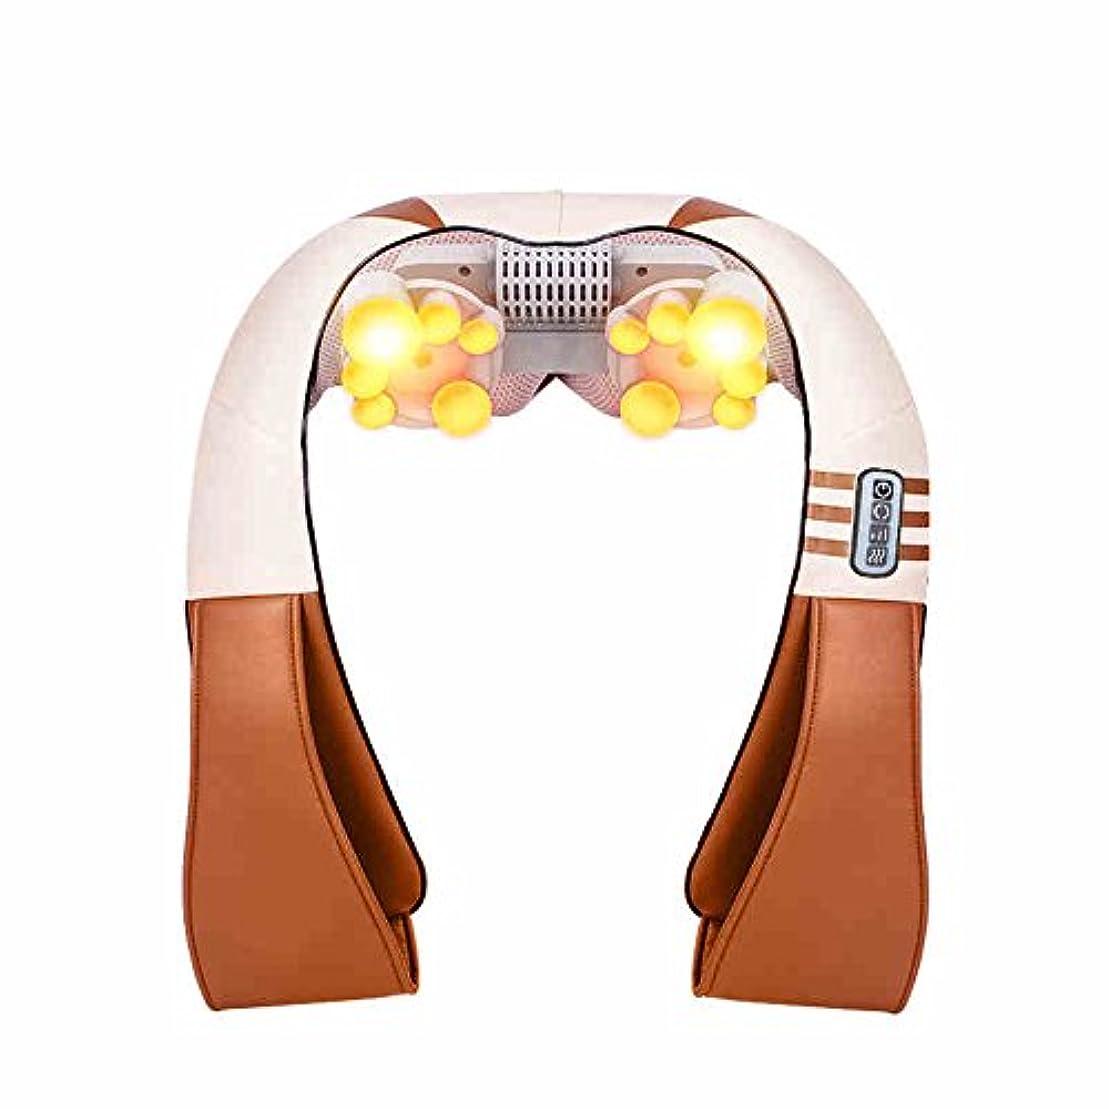 中世のくさびパシフィックHAIZHEN マッサージチェア フルボディマッサージ器の電気運動振動指圧の混乱指圧リウマチの痛みを和らげる頭の血液循環を促進する